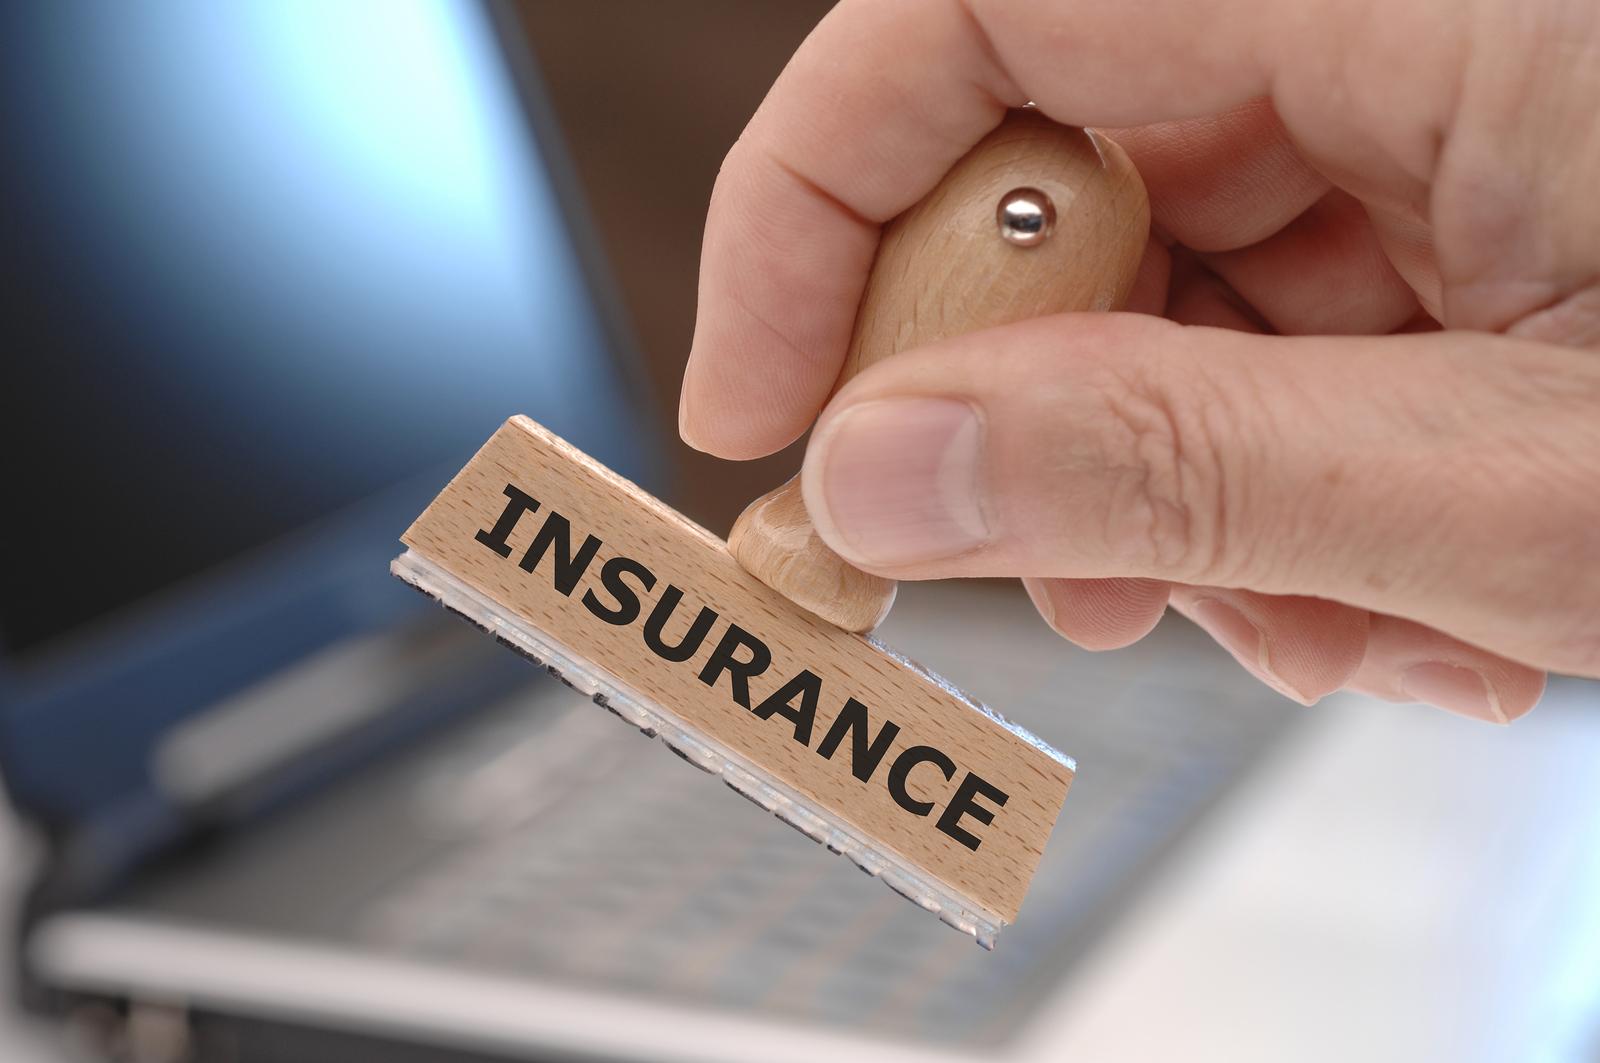 Потребительский кредит в сбербанке обязательна ли страховка Советник